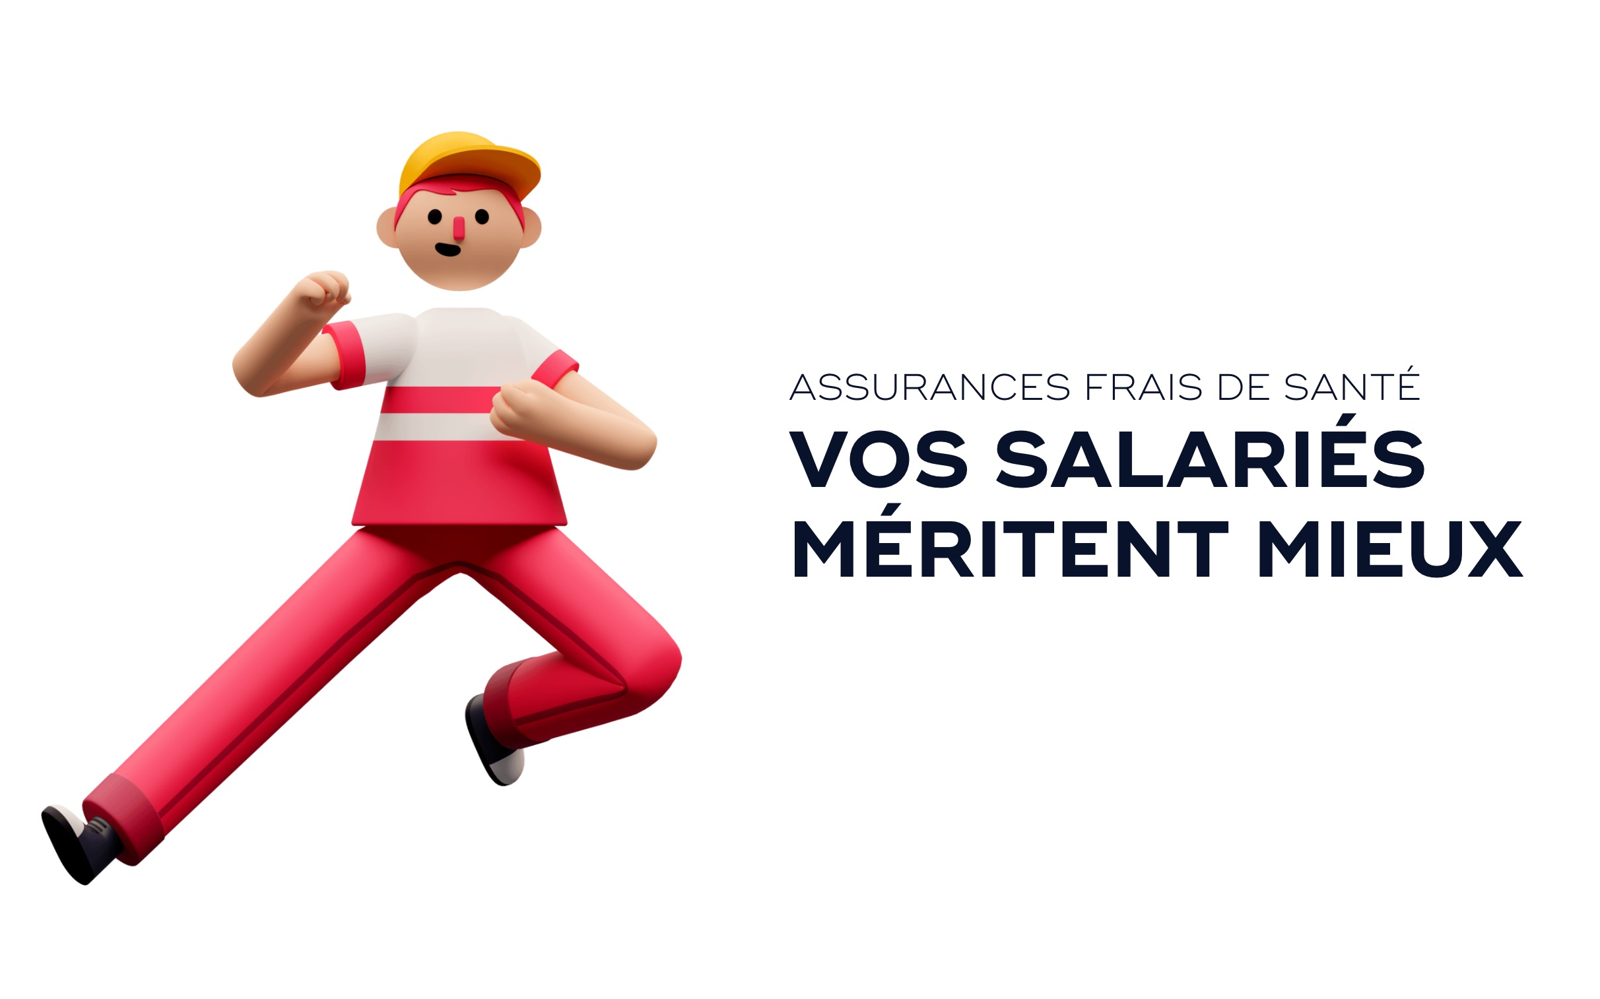 Assurance frais de santé obligatoire 2016